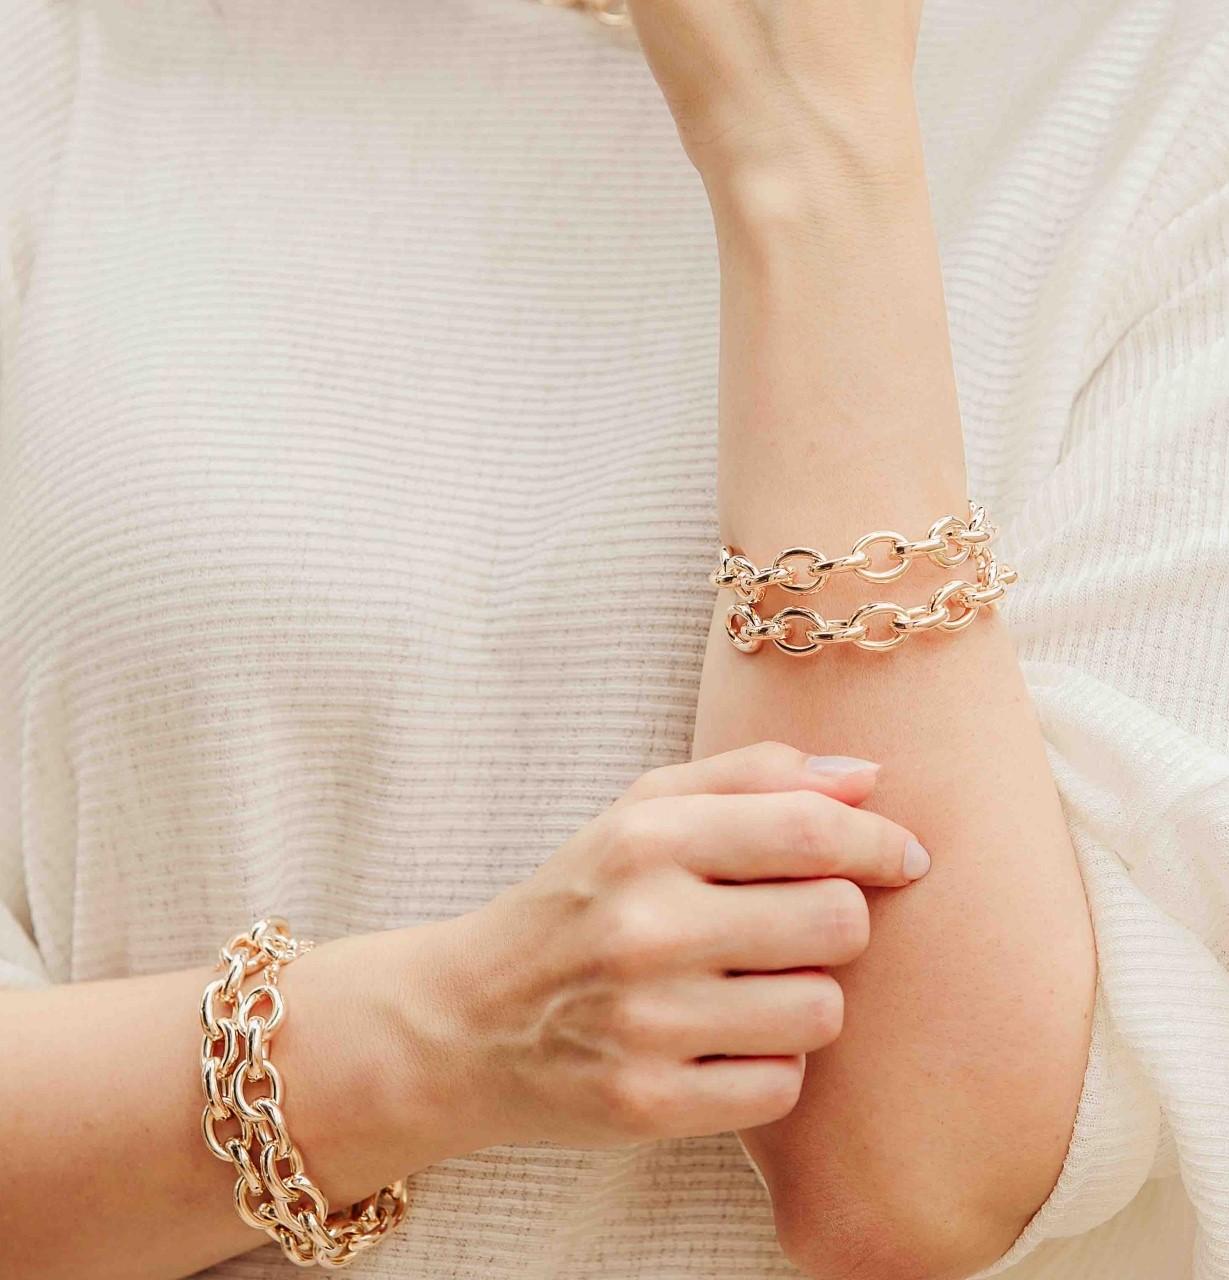 Bracelete tubo banhado a ouro 18k e ródio branco